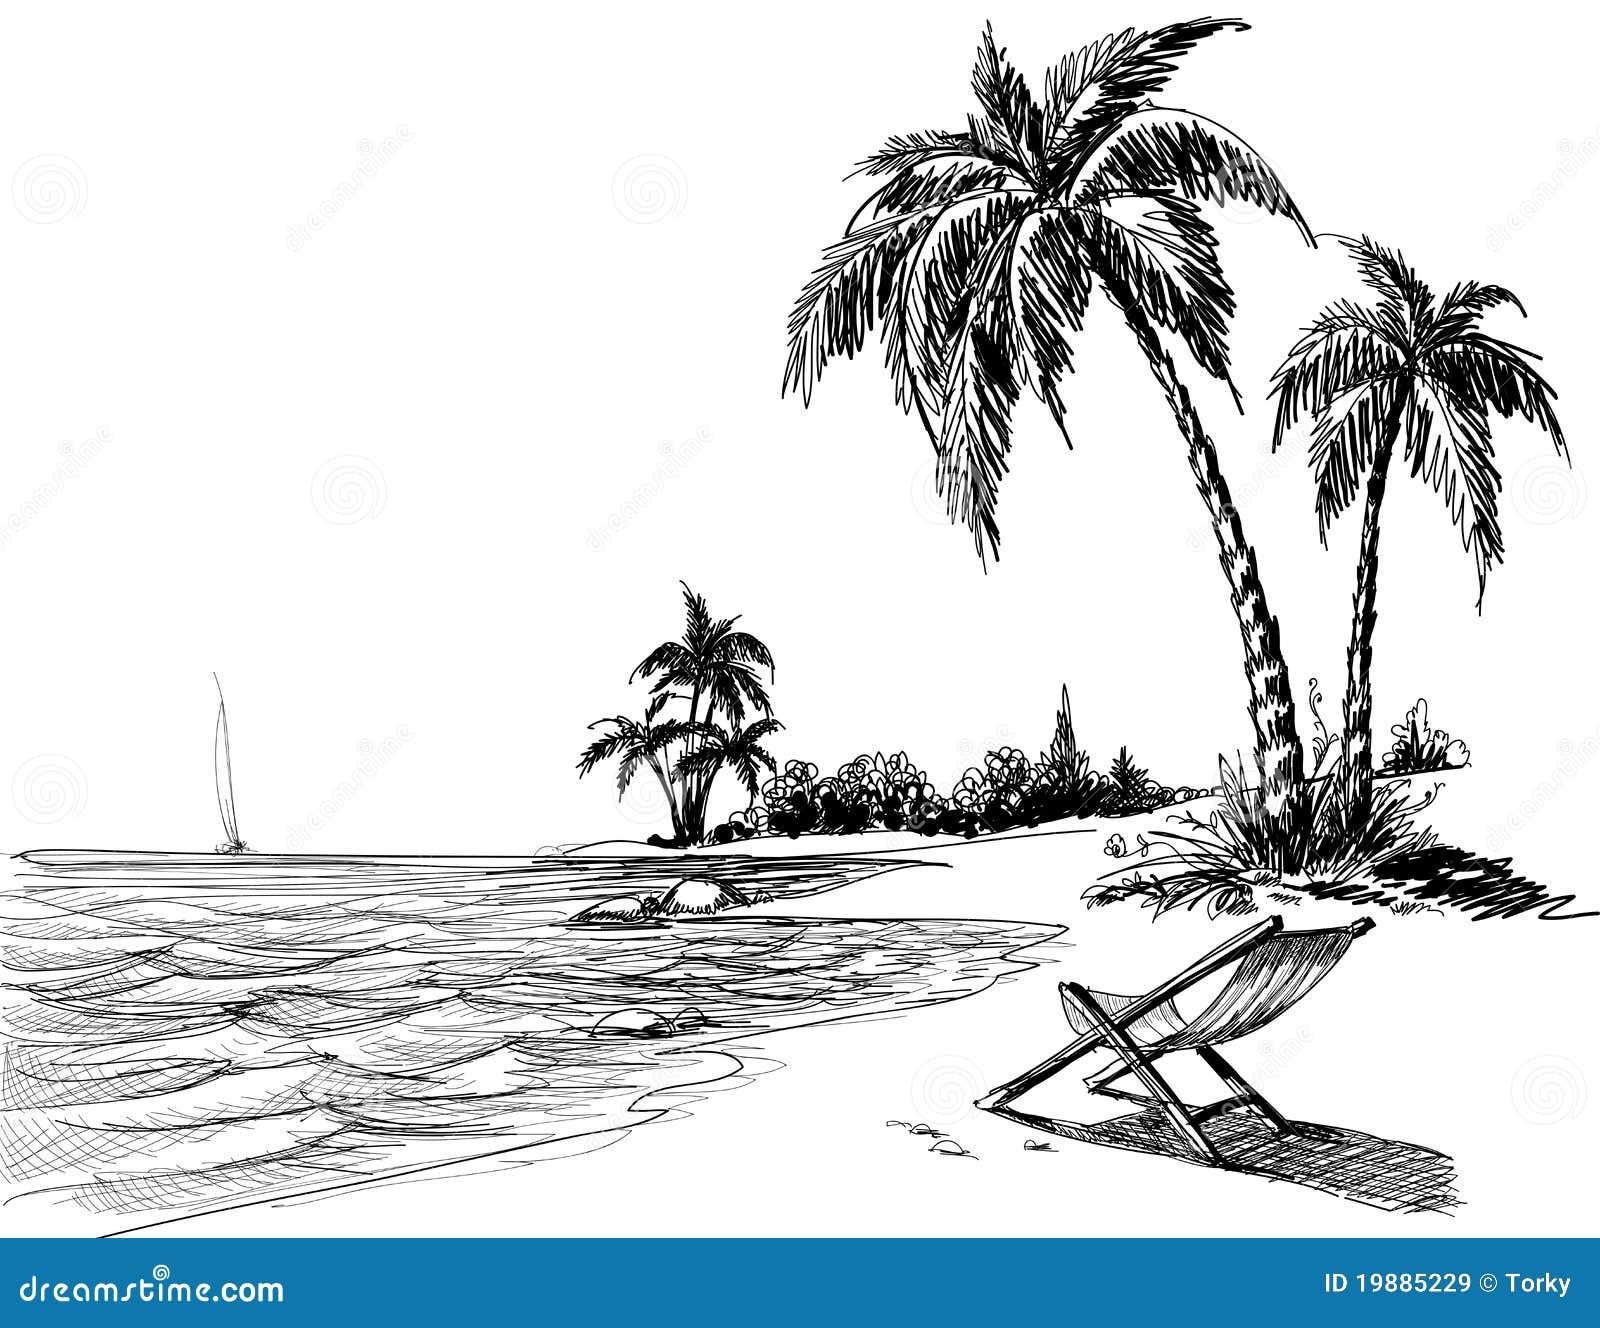 Desenho De Lápis Da Praia Do Verão Imagens de Stock Royalty Free Imagem